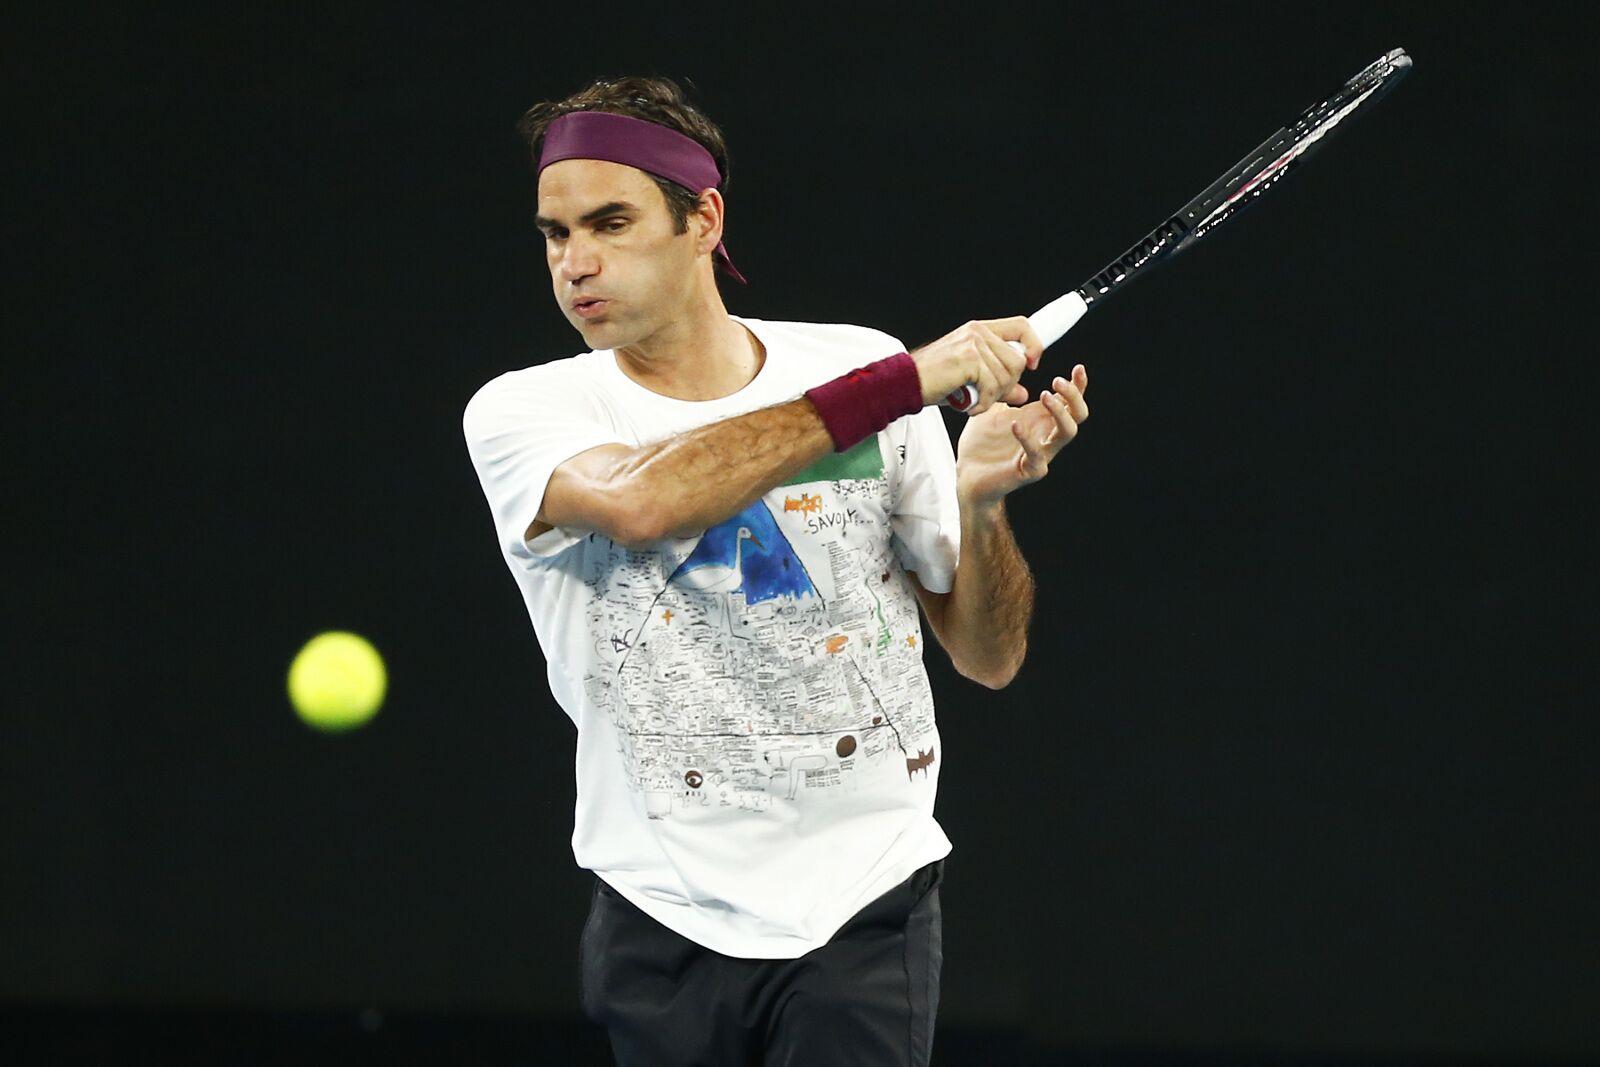 Australian Open 2020: Roger Federer and Novak Djokovic poised to collide